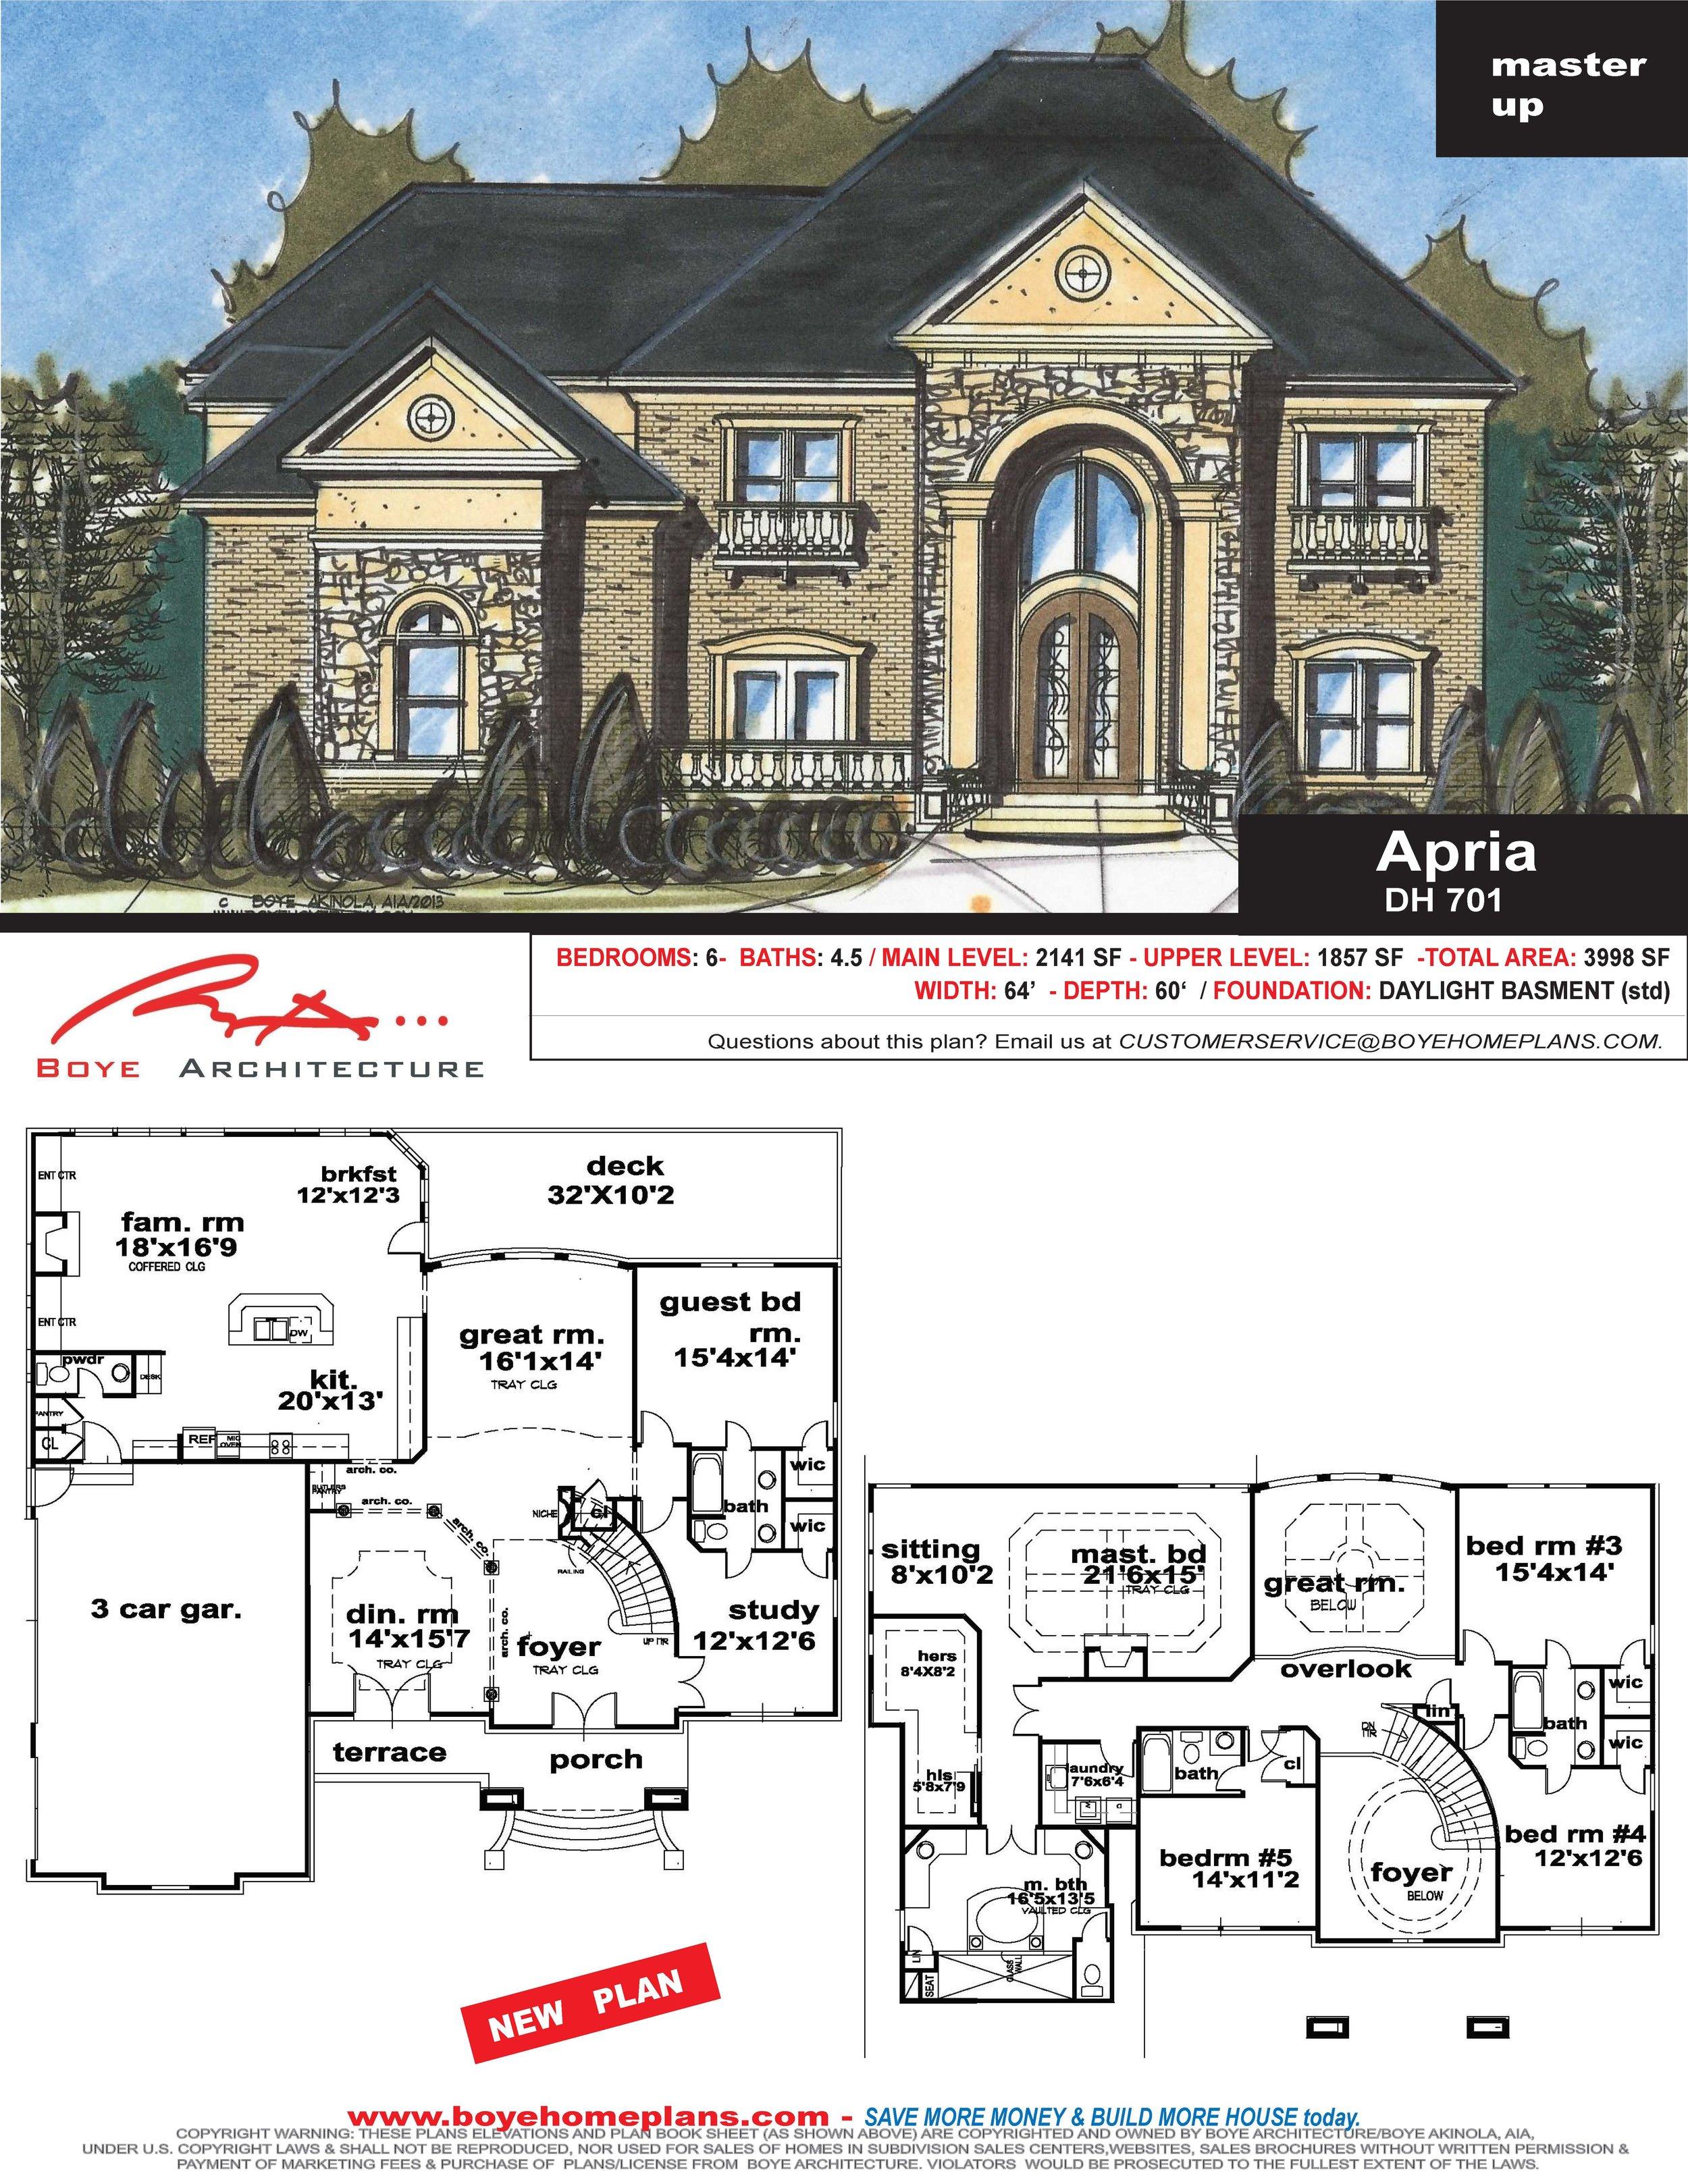 APRIA PLAN PAGE-DH 701-030617.jpg